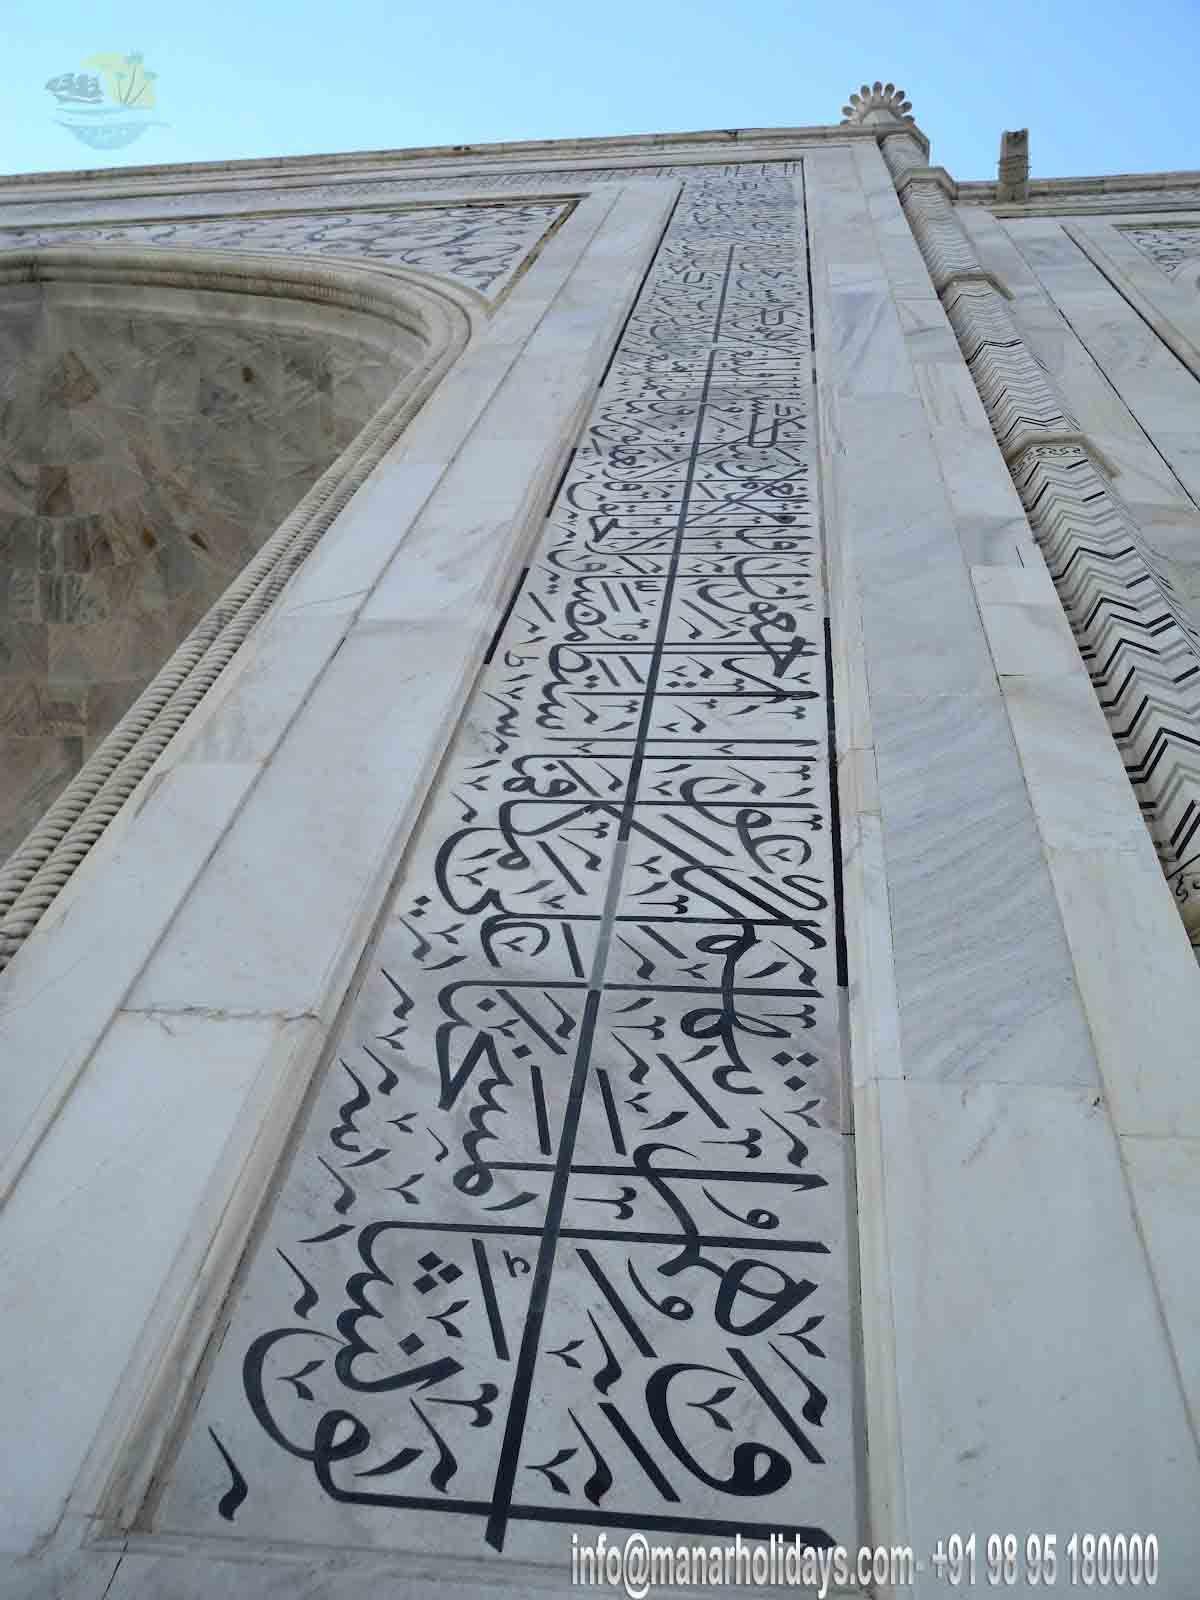 الخط العربي The تهاج Mahal طوال معقدة تستخدم مقاطع من القرآن كعناصر زخرفية على الخط هو السيناريو الثلث مزهر وغير م Wonders Of The World Seven Wonders Wonder